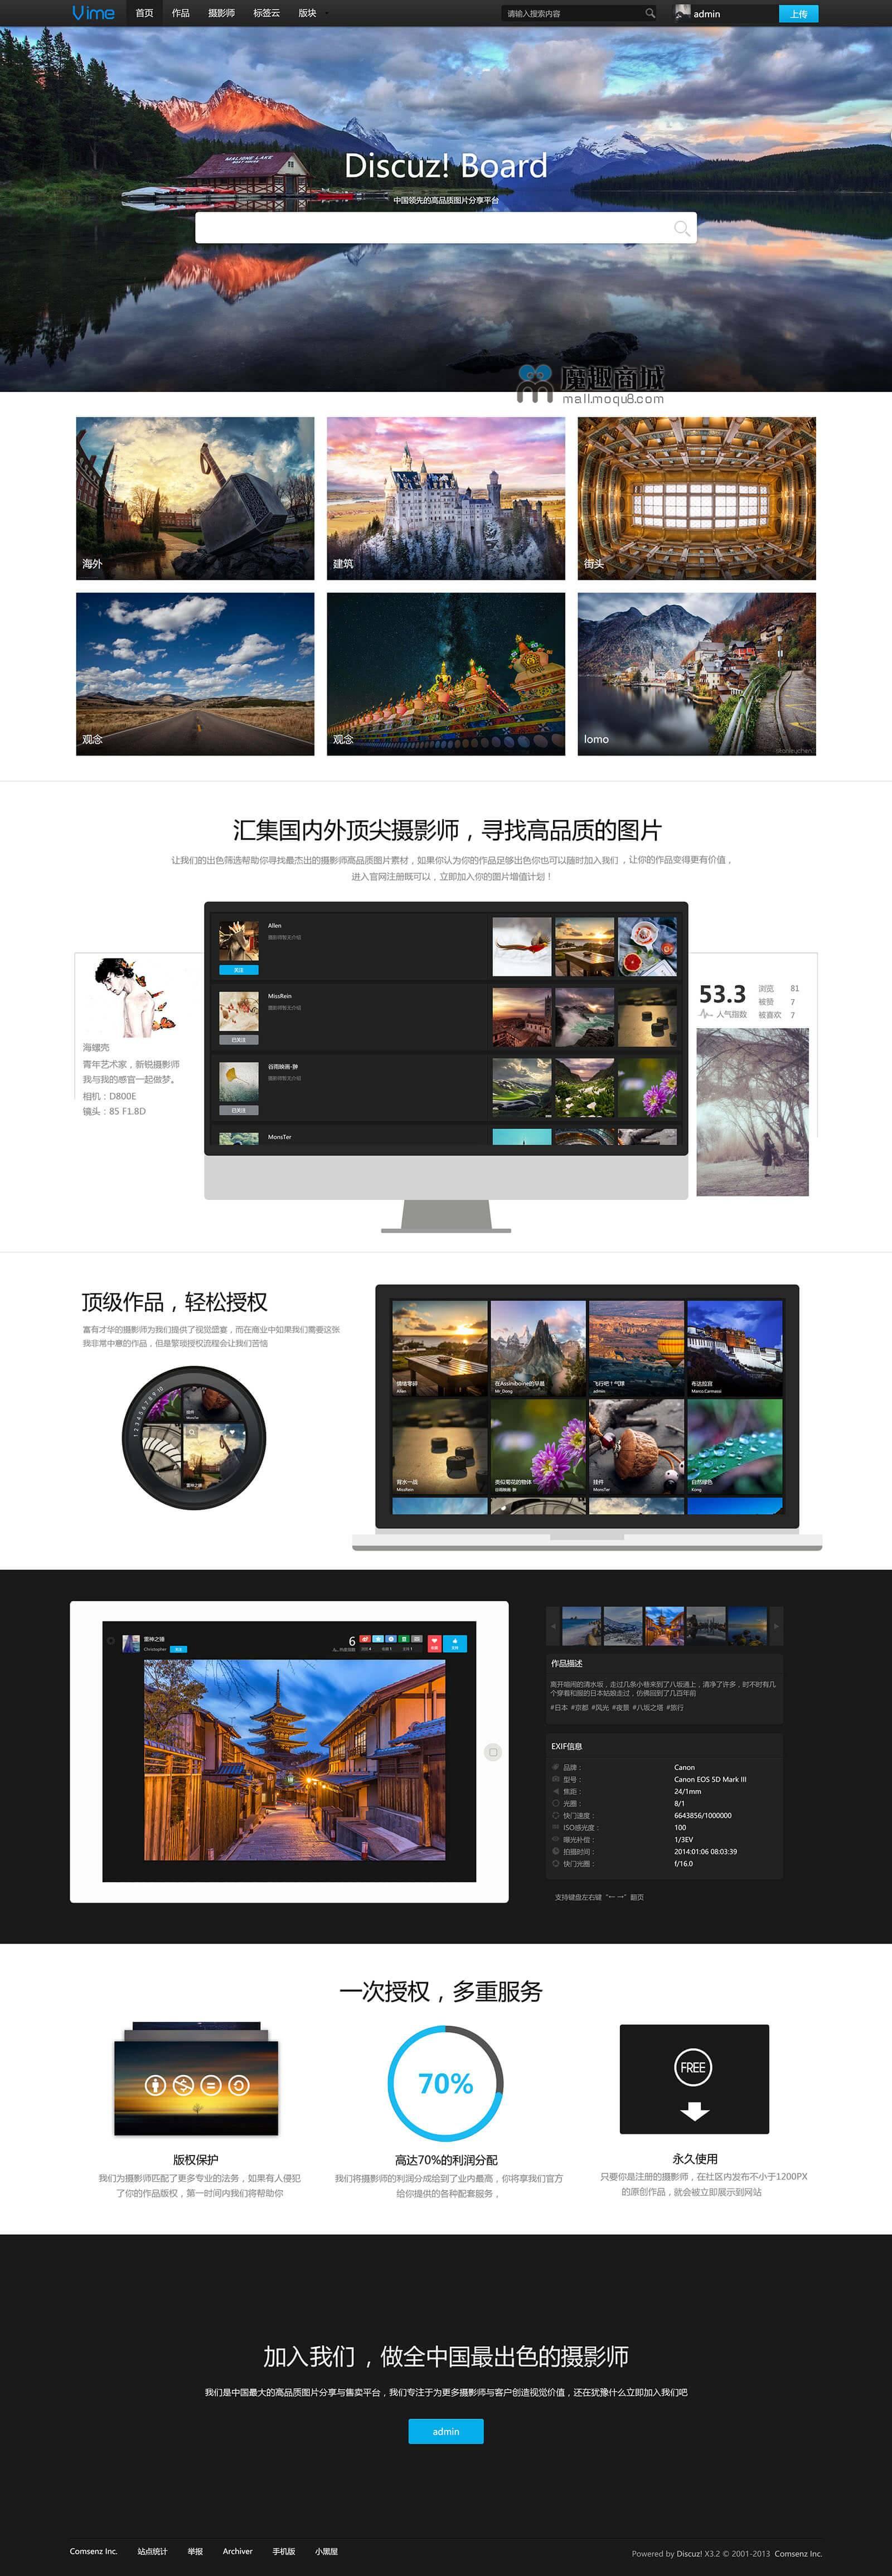 摄影之家/自动EXIF信息显示模板